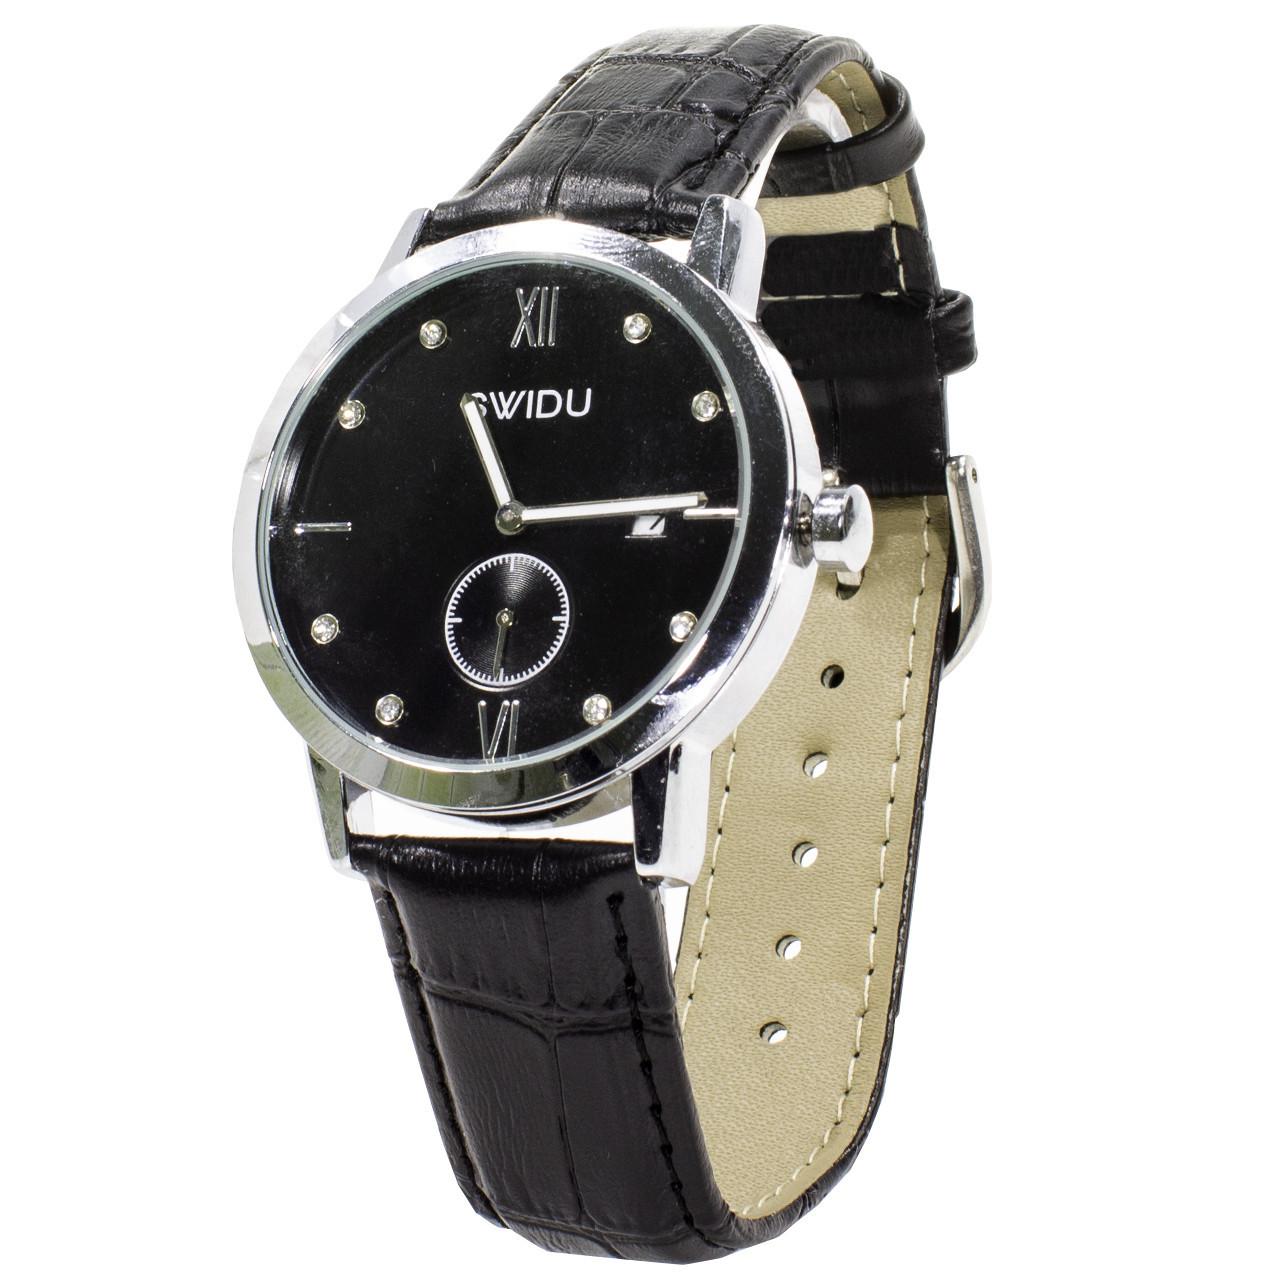 Наручные часы SWIDU SWI-018 Black (3088-87540